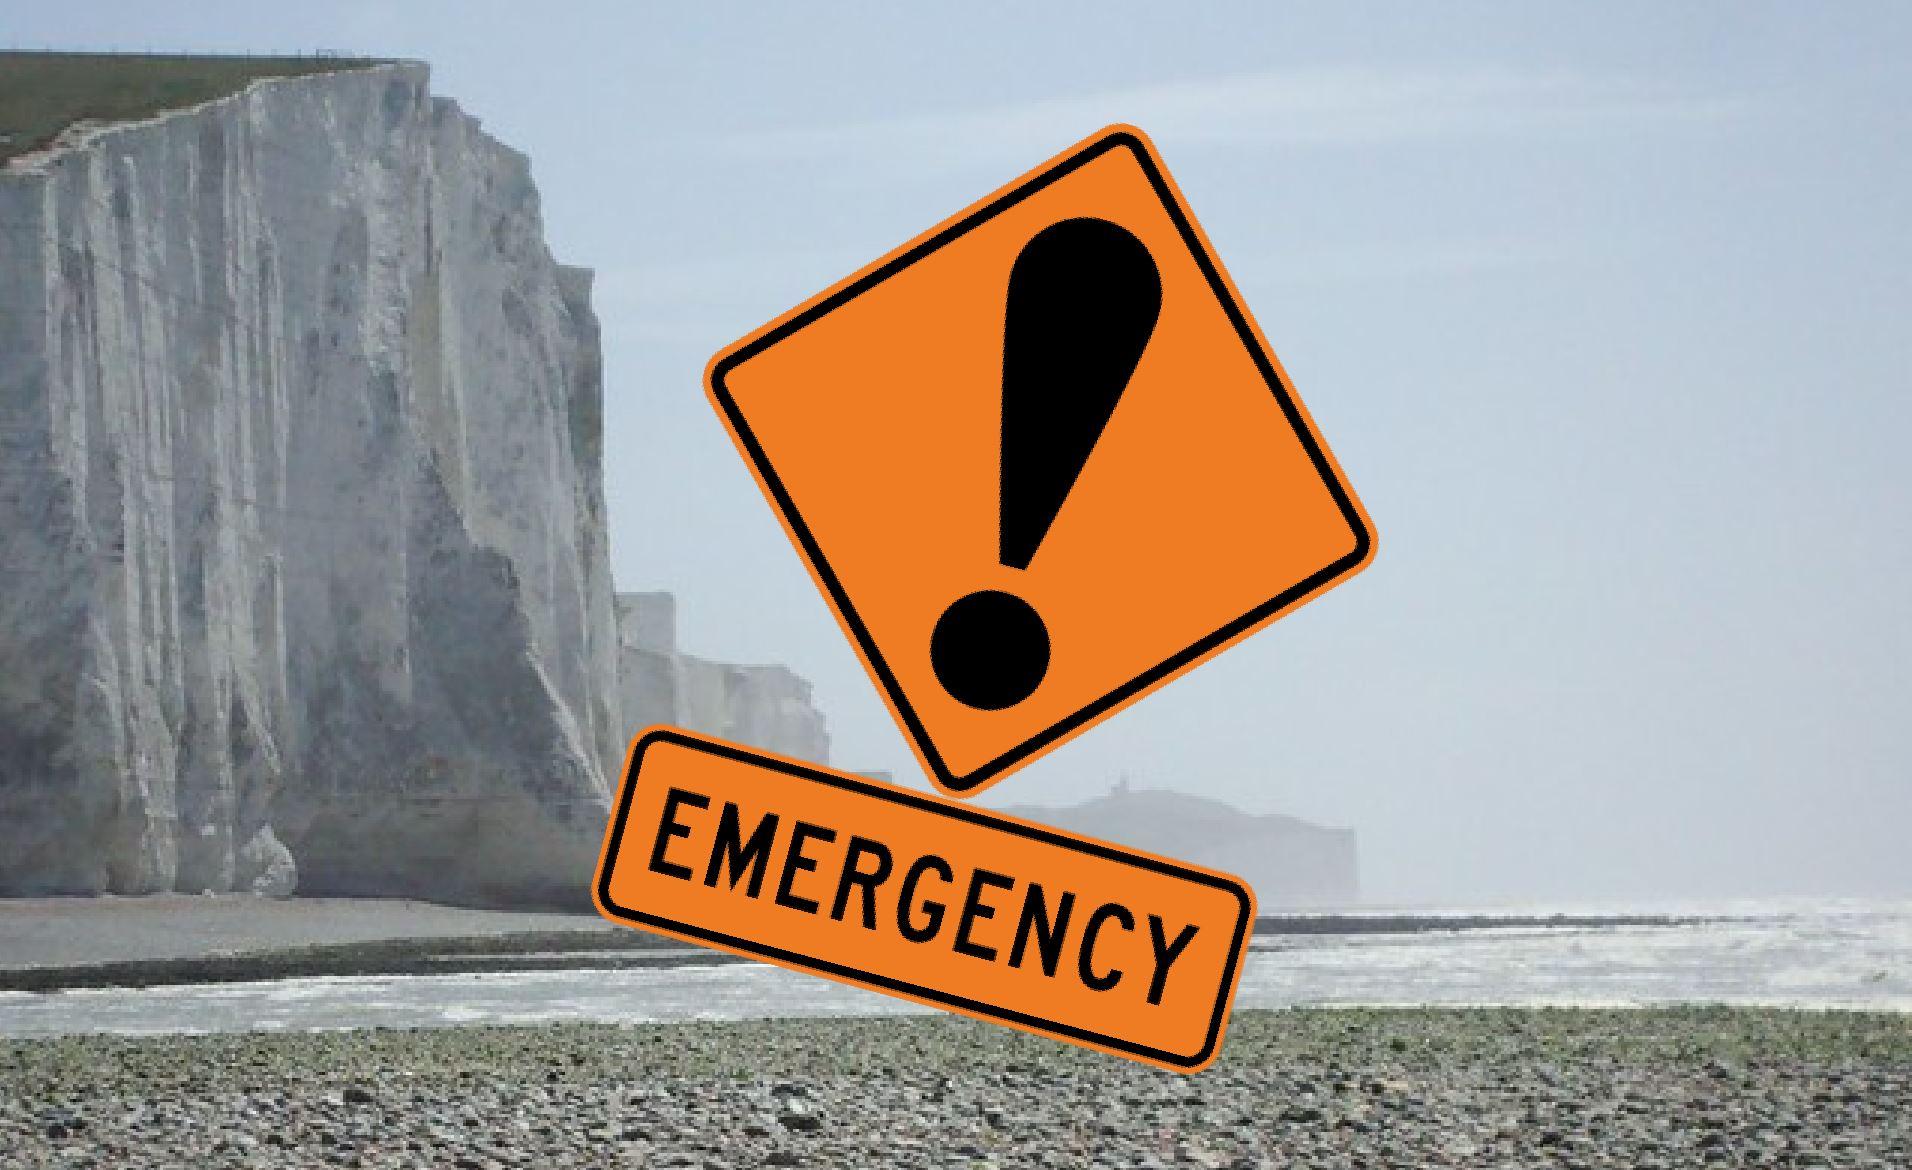 Emergency_escc